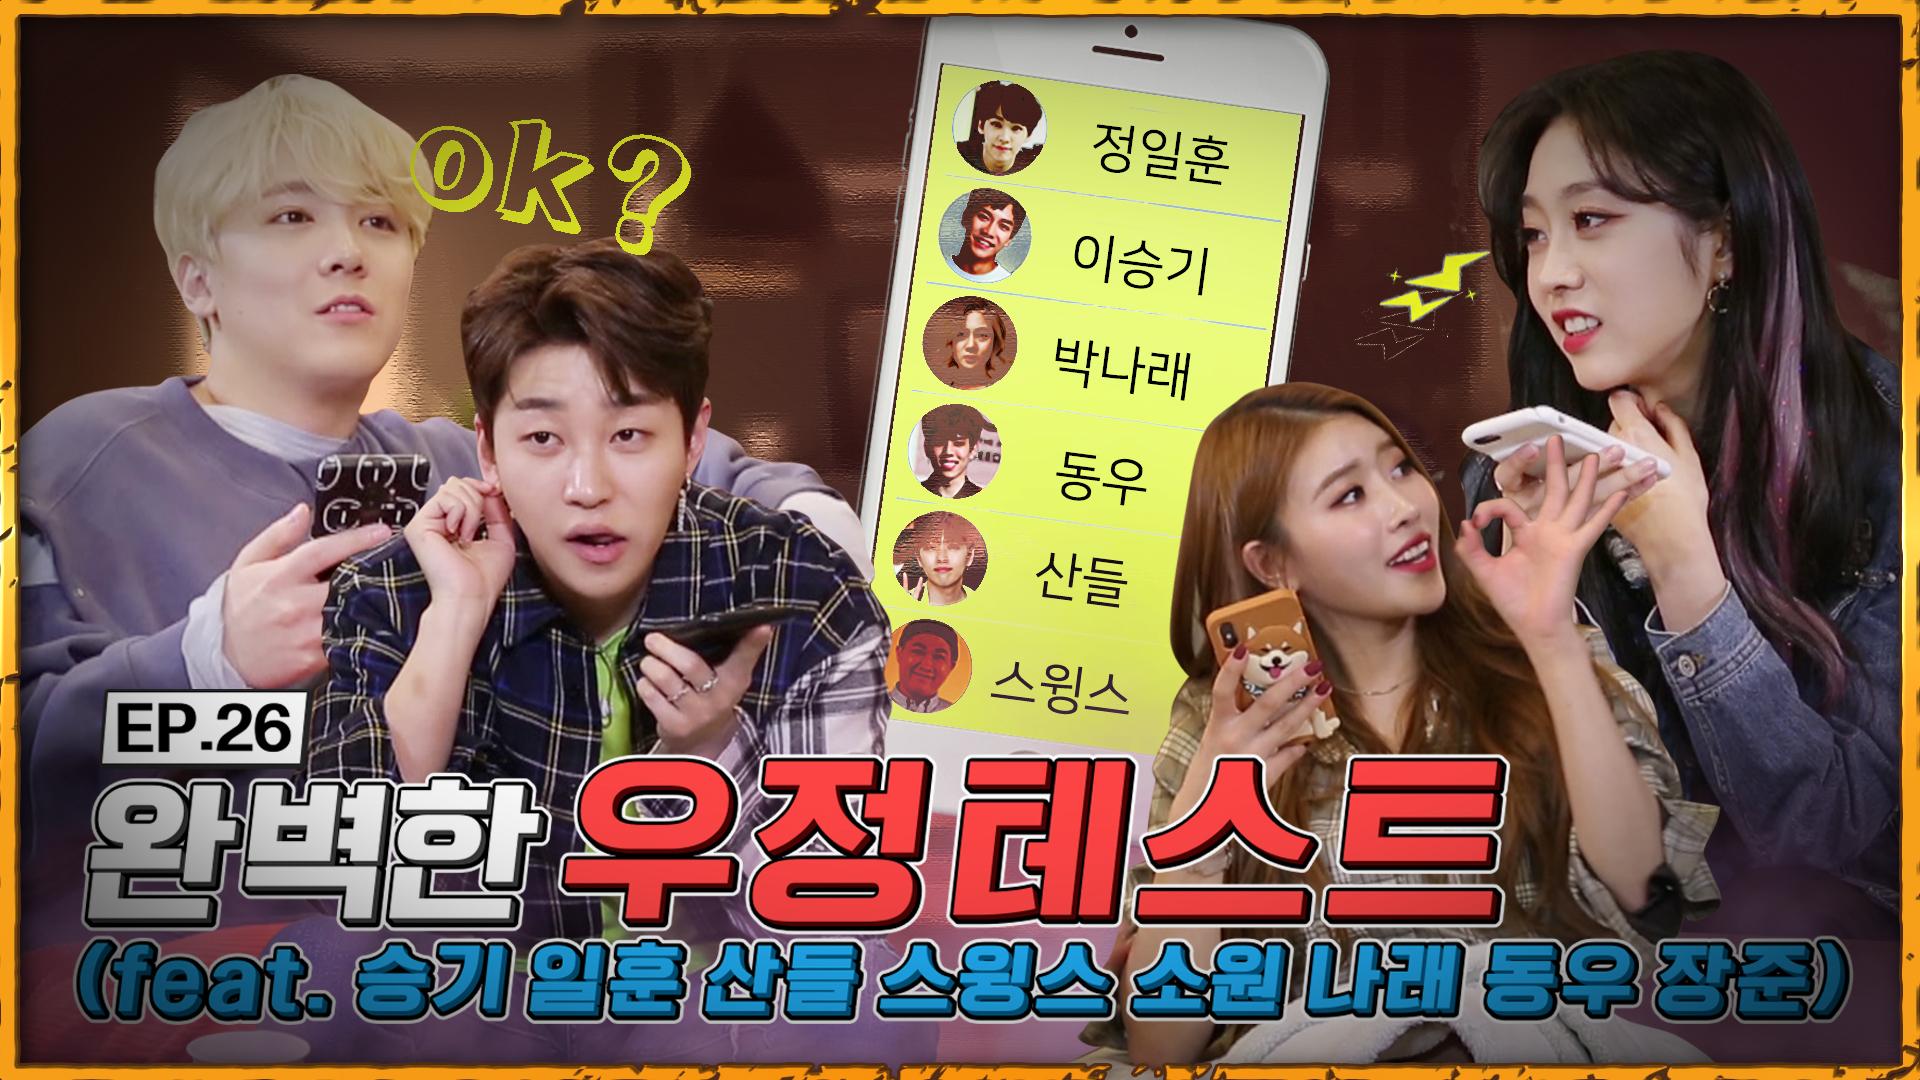 [핵인싸 동맹] EP.26 완벽한 우정 테스트 (feat. 이홍기 이승기 천만원사건) HACKINSSA CREW